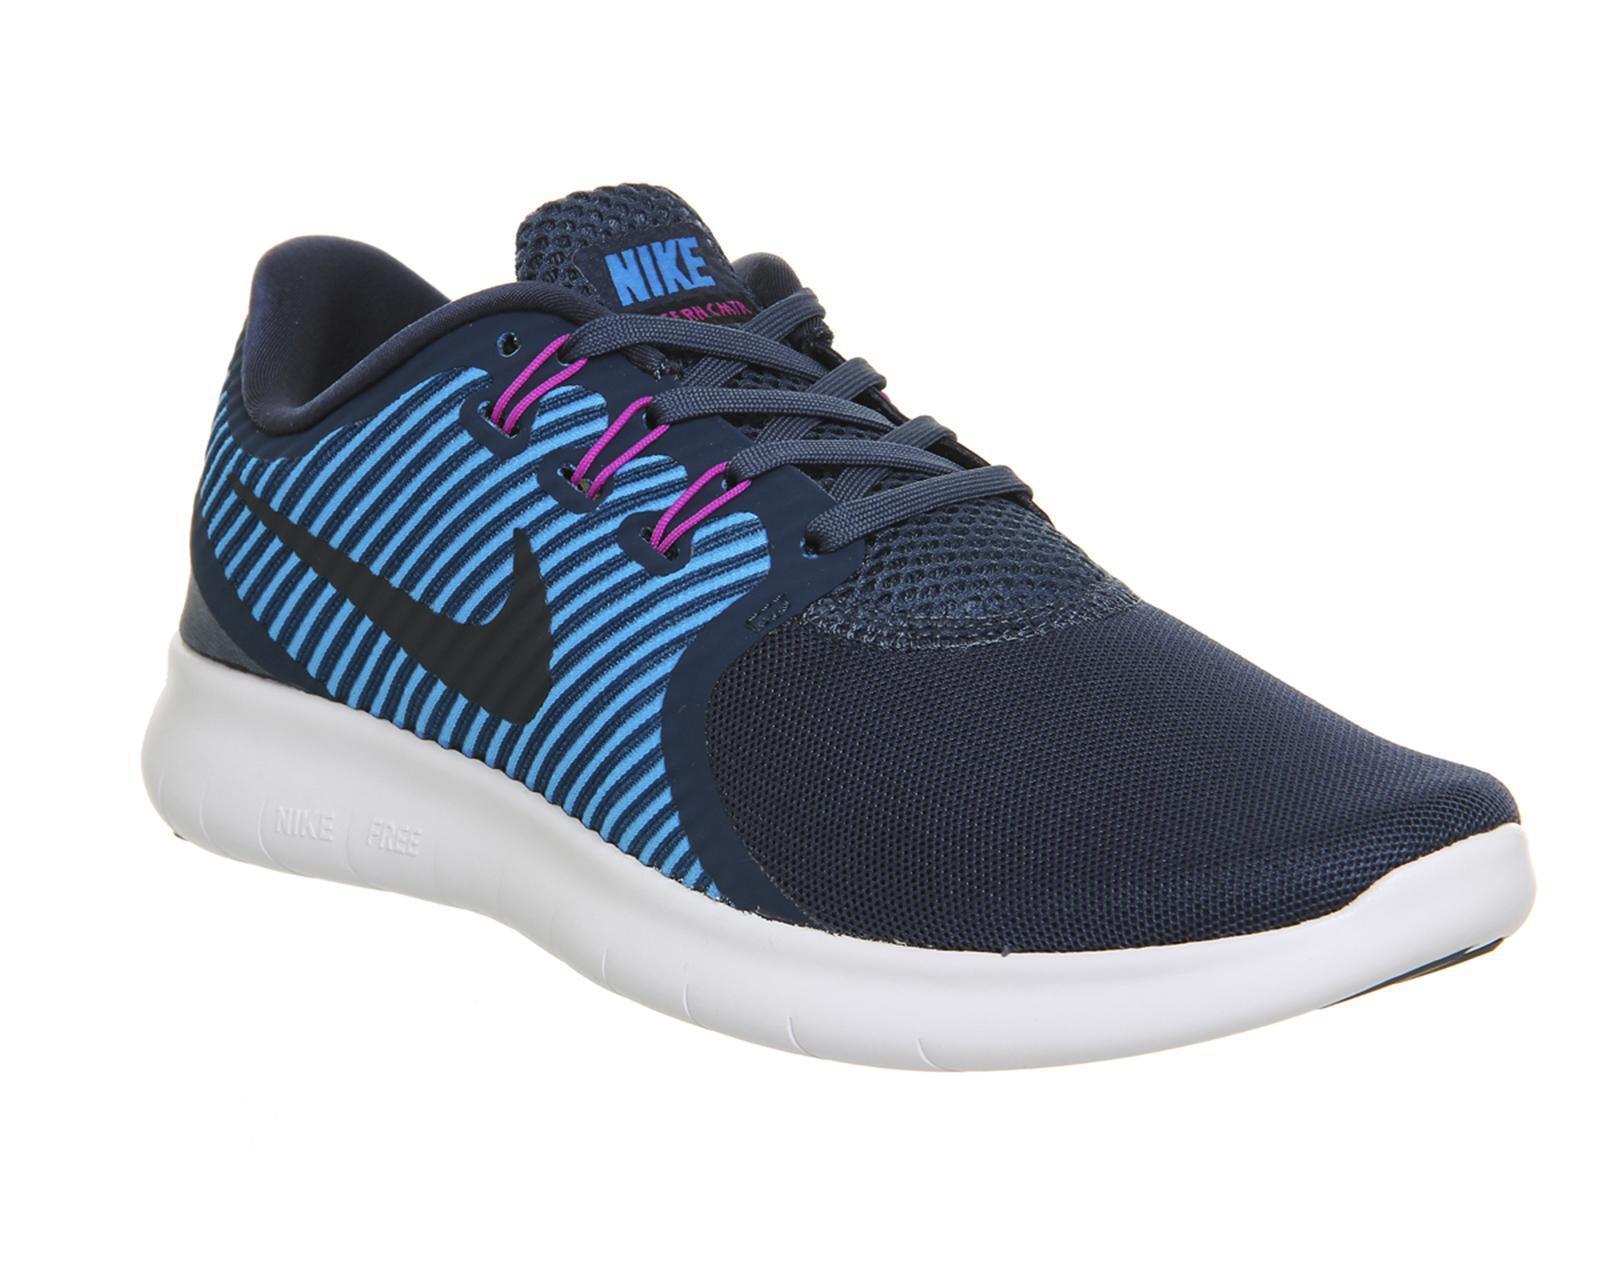 Da Donna Nike Free RN cmtr Blu Corsa Scarpe Scarpe Scarpe da ginnastica 831511 400 858413